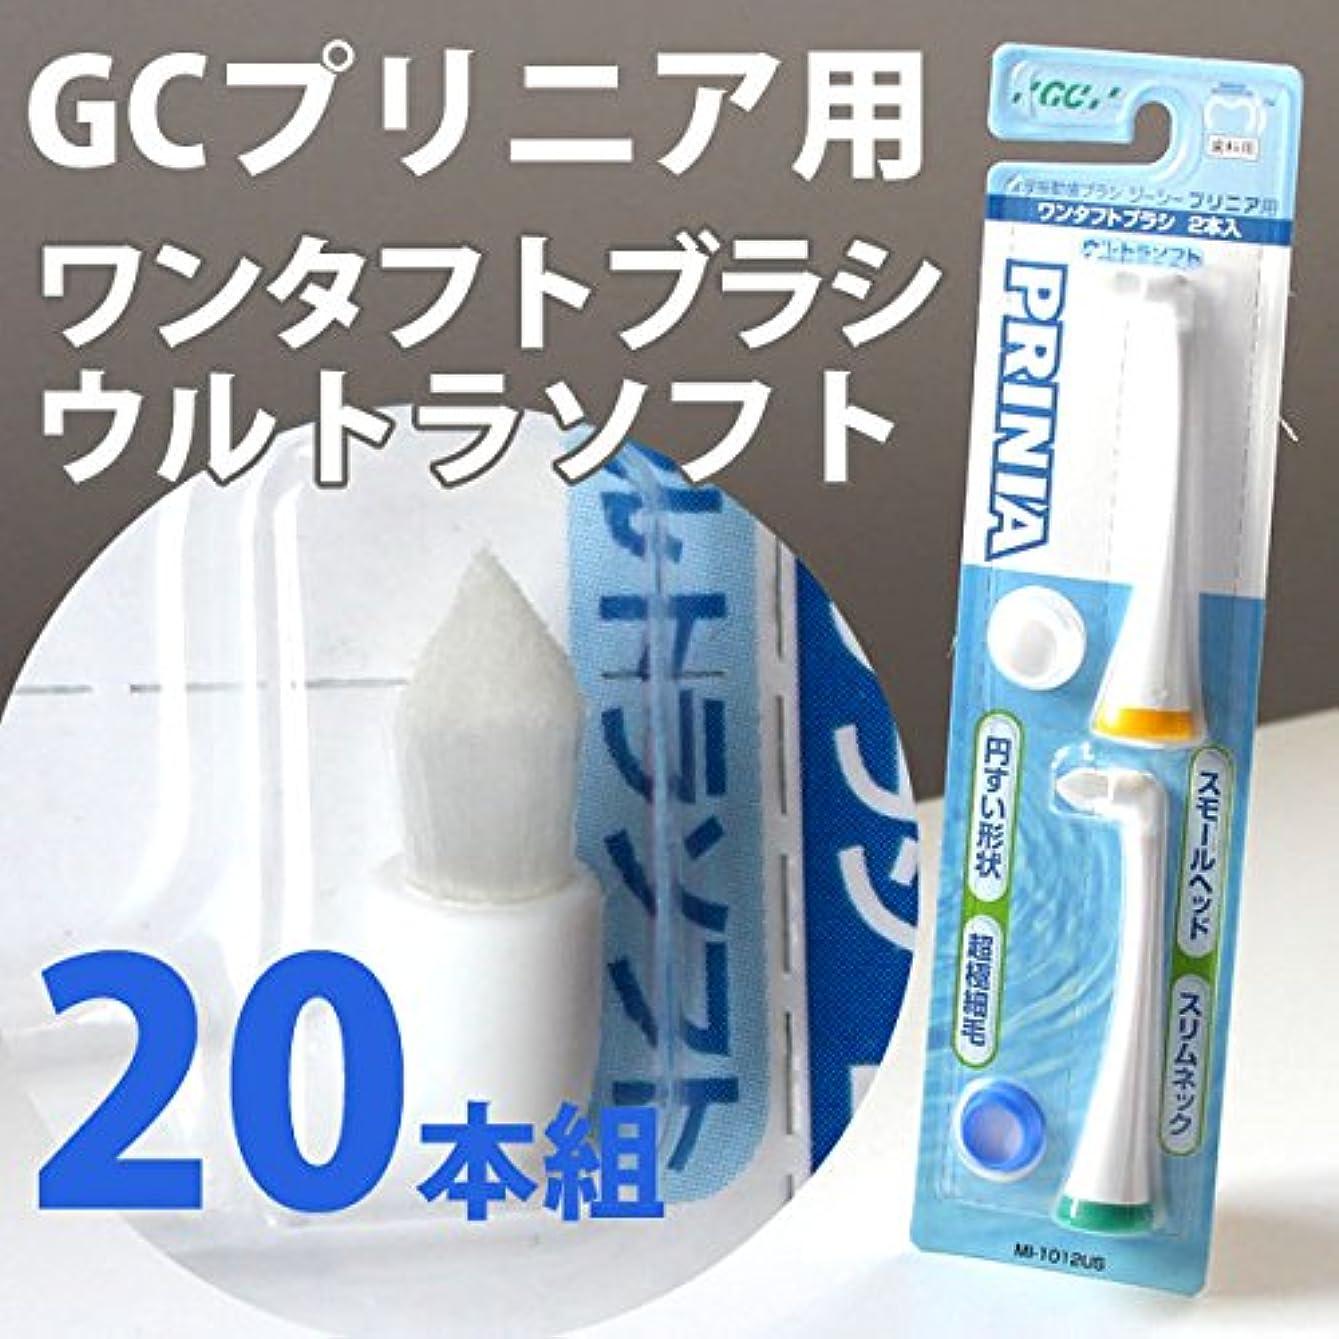 大宇宙胚芽専門化するプリニア ワンタフト GC 音波振動歯ブラシ プリニアスリム 替えブラシ ブラシ(ウルトラソフト) 10セットル便